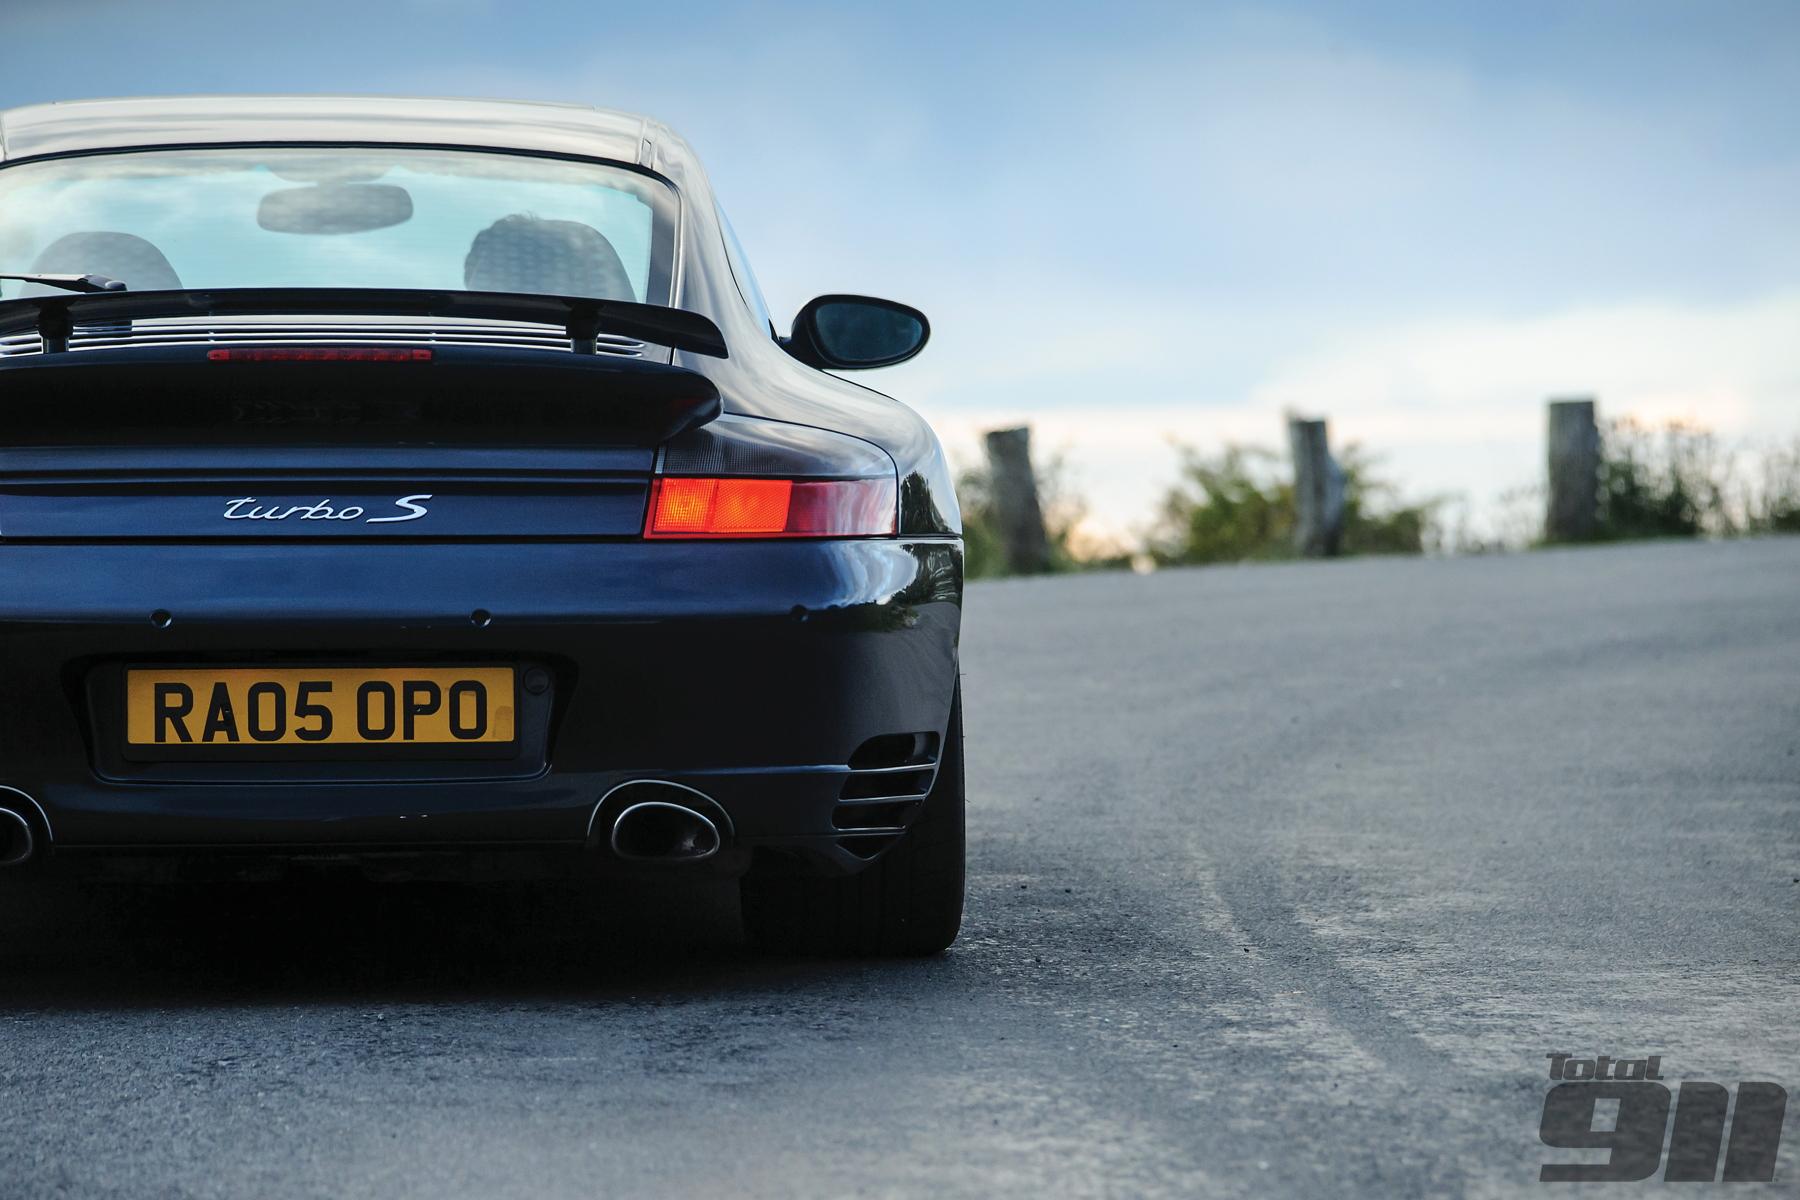 Porsche 996 Turbo >> Porsche 996 Turbo S The Forgotten Turbo Total 911